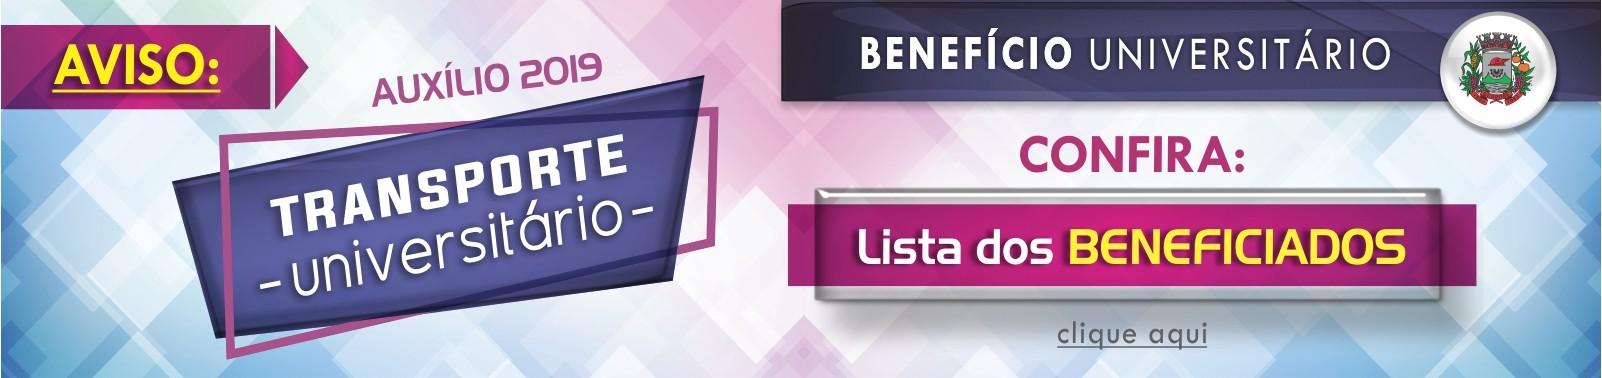 Banner 2 - Benefício Universitário